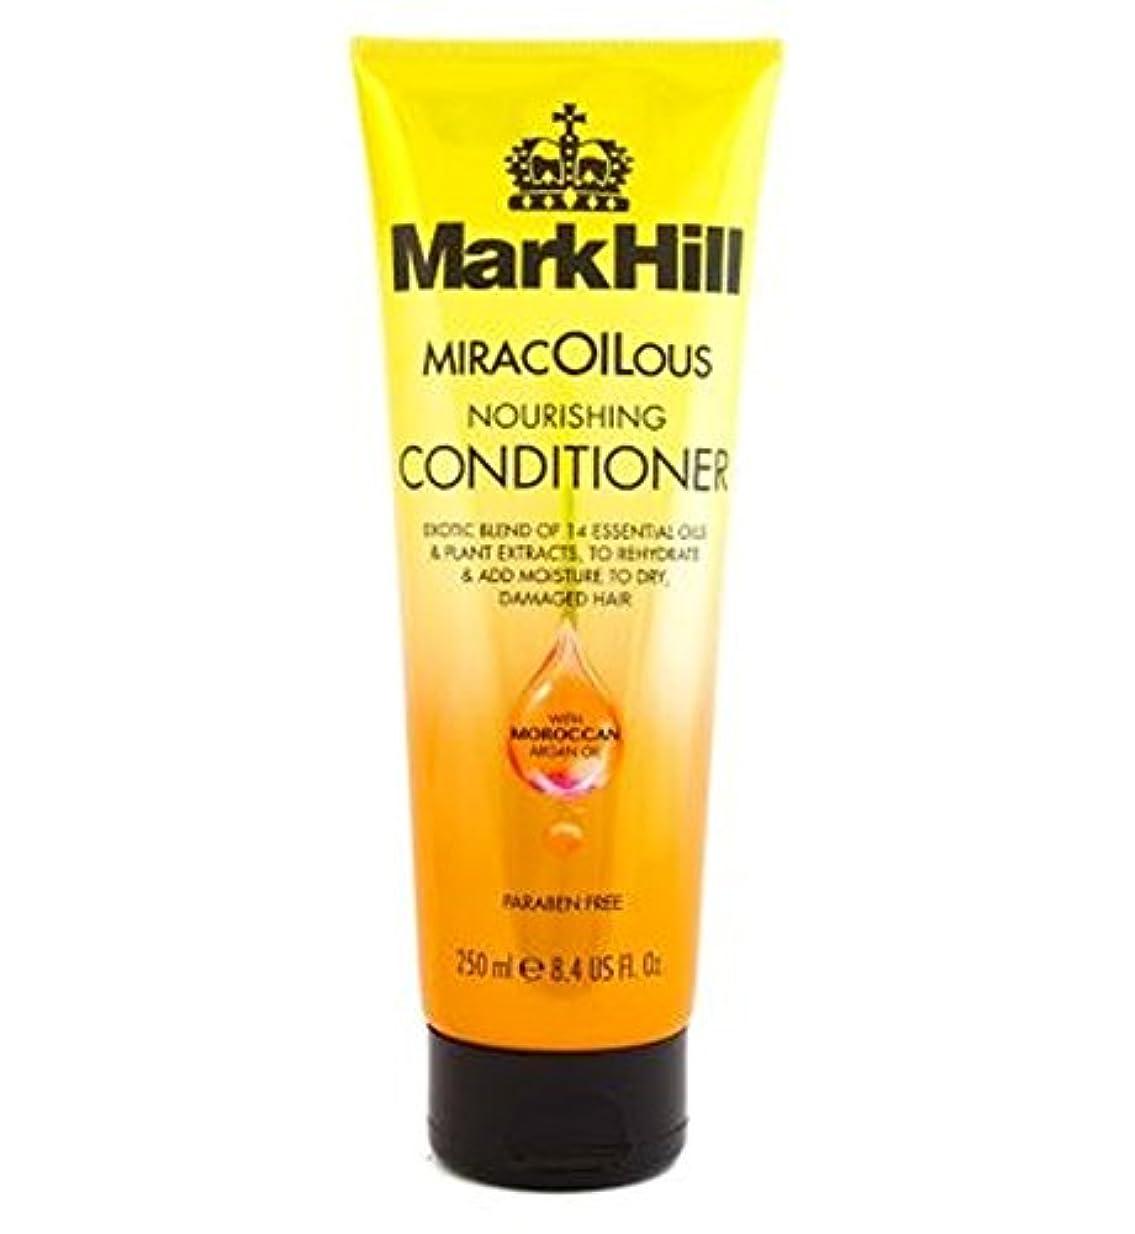 愛情深い眠る仮定マーク丘Miracoiliciousコンディショナー250Ml (Mark Hill) (x2) - Mark Hill MiracOILicious Conditioner 250ml (Pack of 2) [並行輸入品]